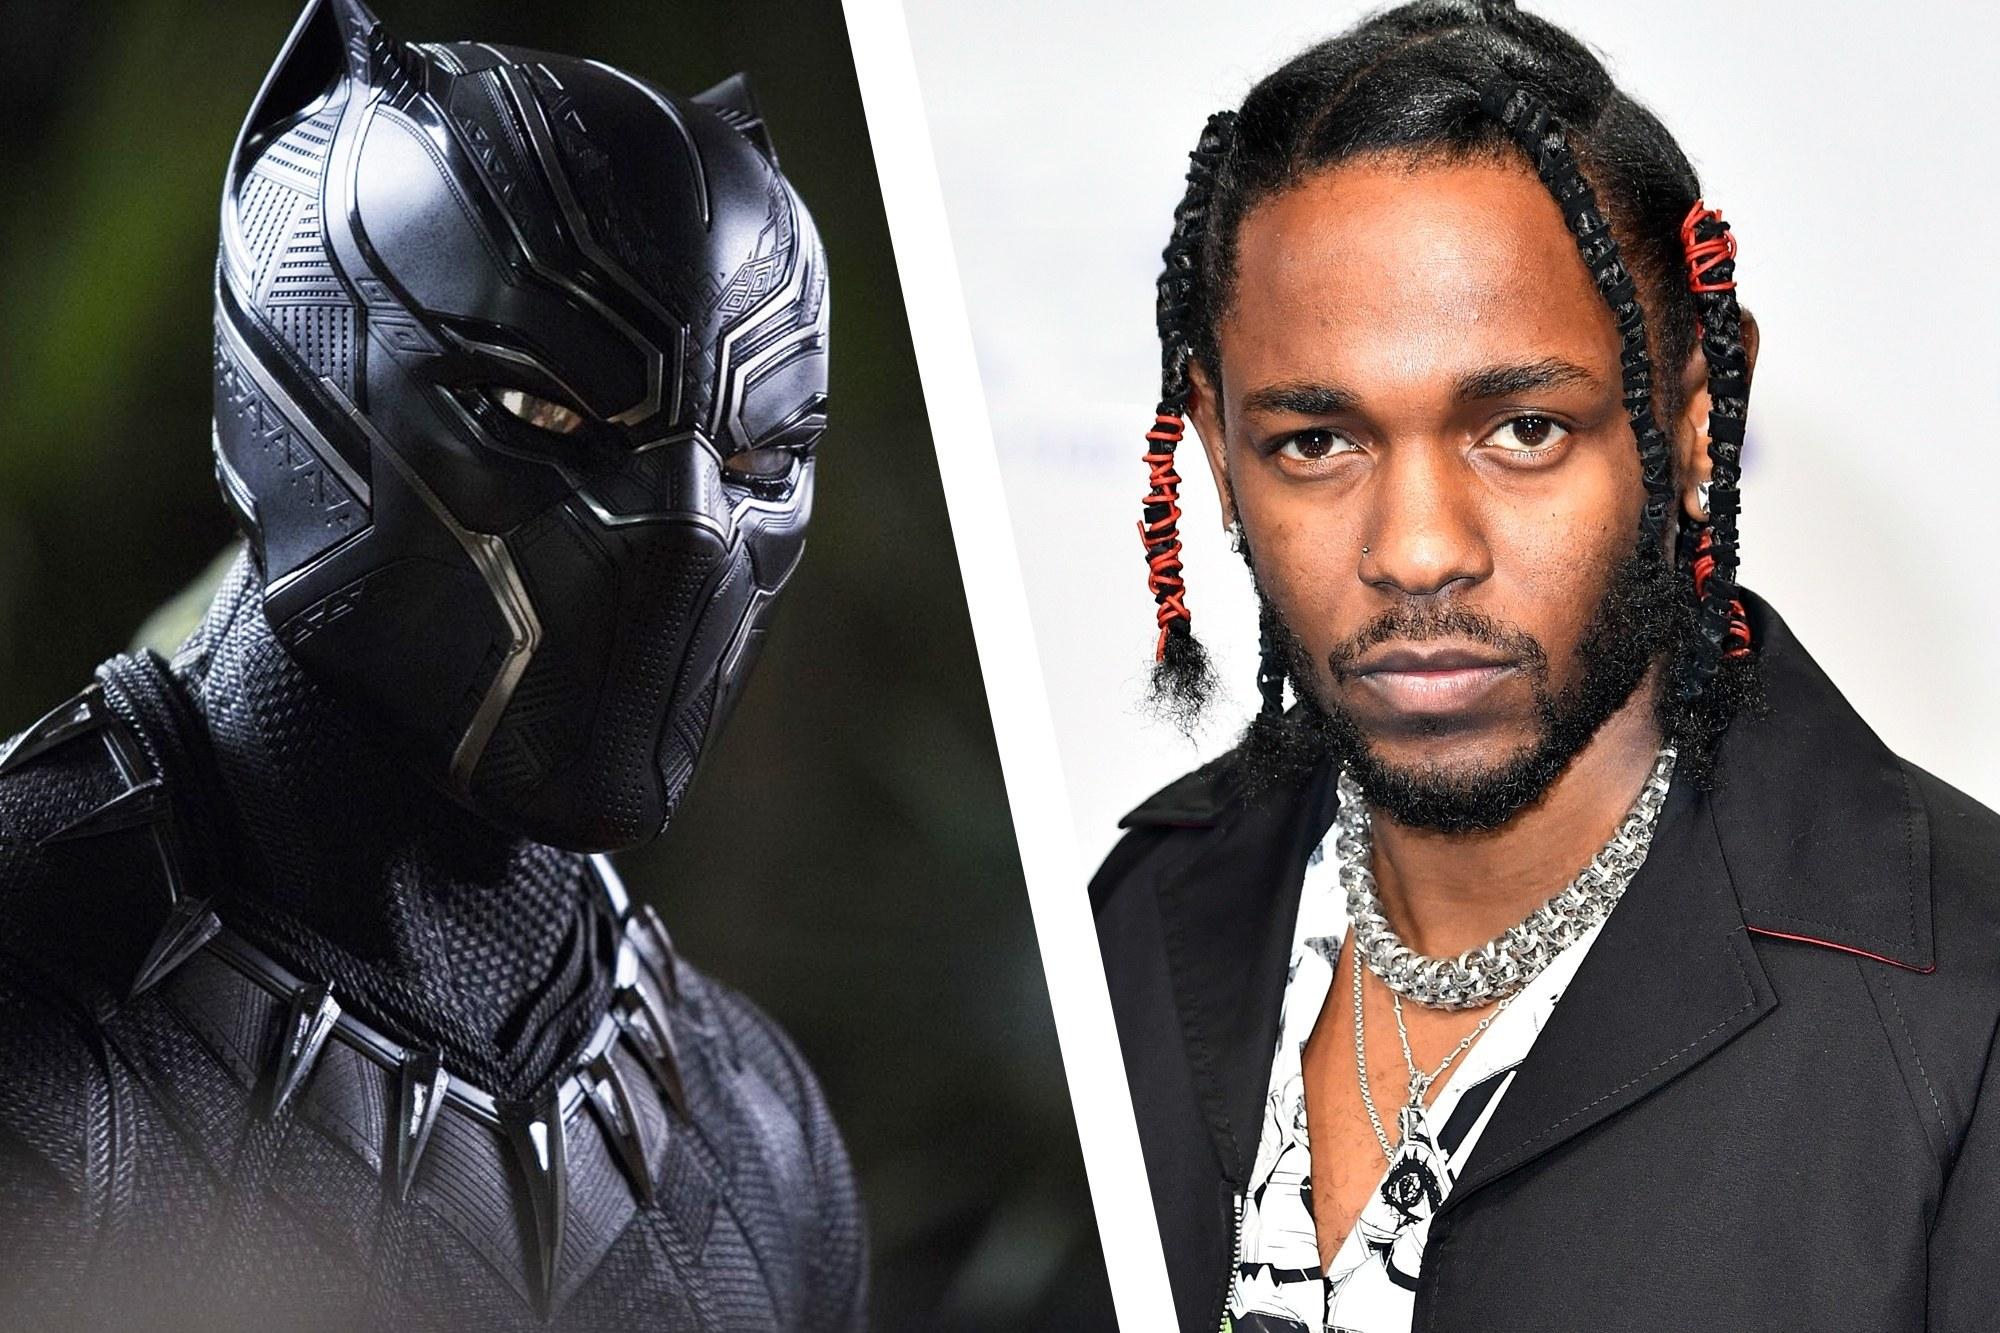 Disponible el nuevo tráiler de Black Panther con música de Kendrick Lamar